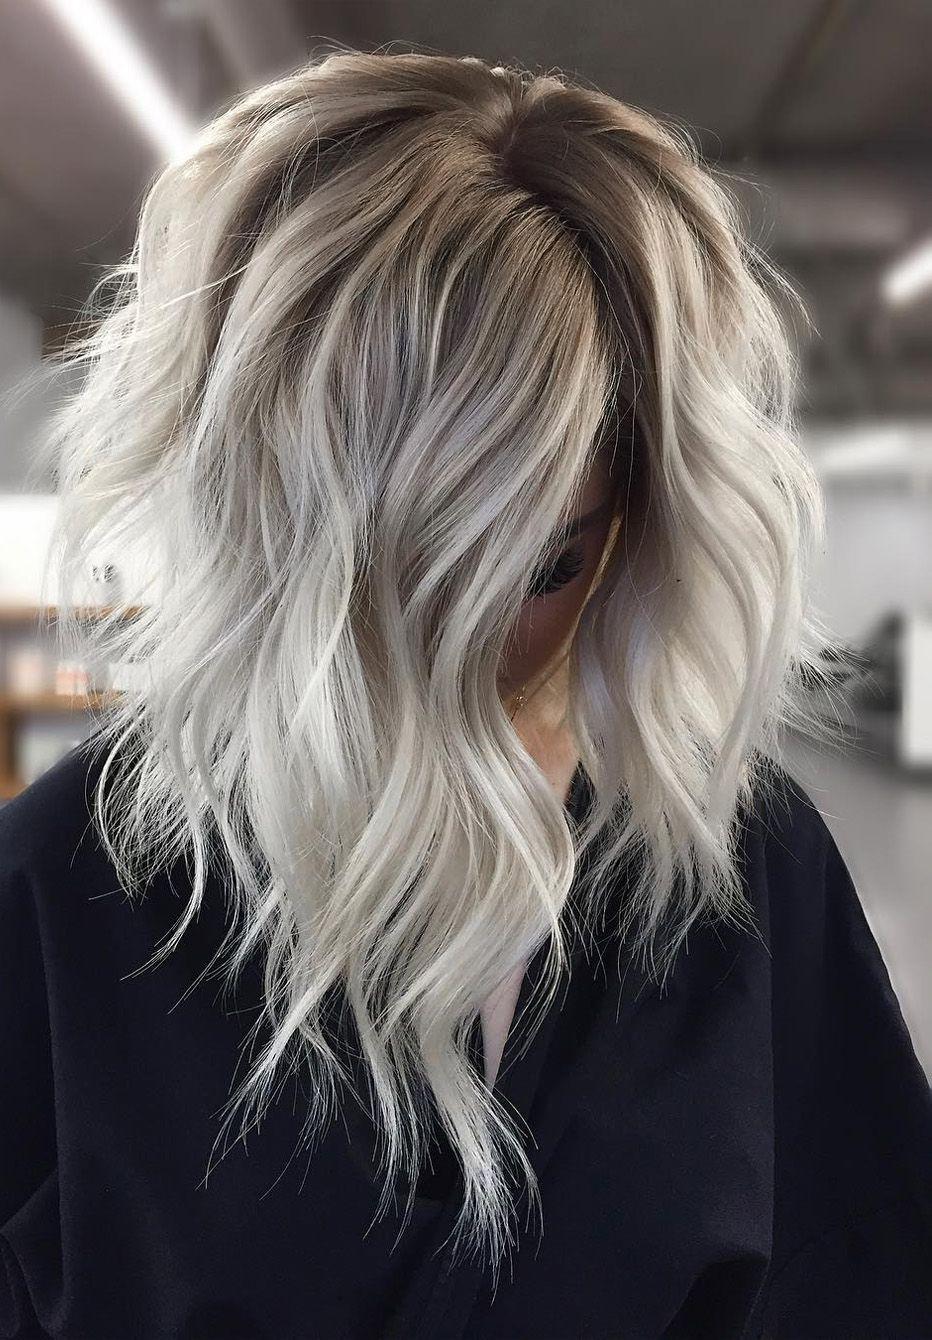 50 Schöne Styles, Um Ihr Platinum Blonde Hair Zu Erhöhen 50 schöne Styles, um Ihr Platinum Blonde Hair zu erhöhen Ombre Hair platinum ombre hair